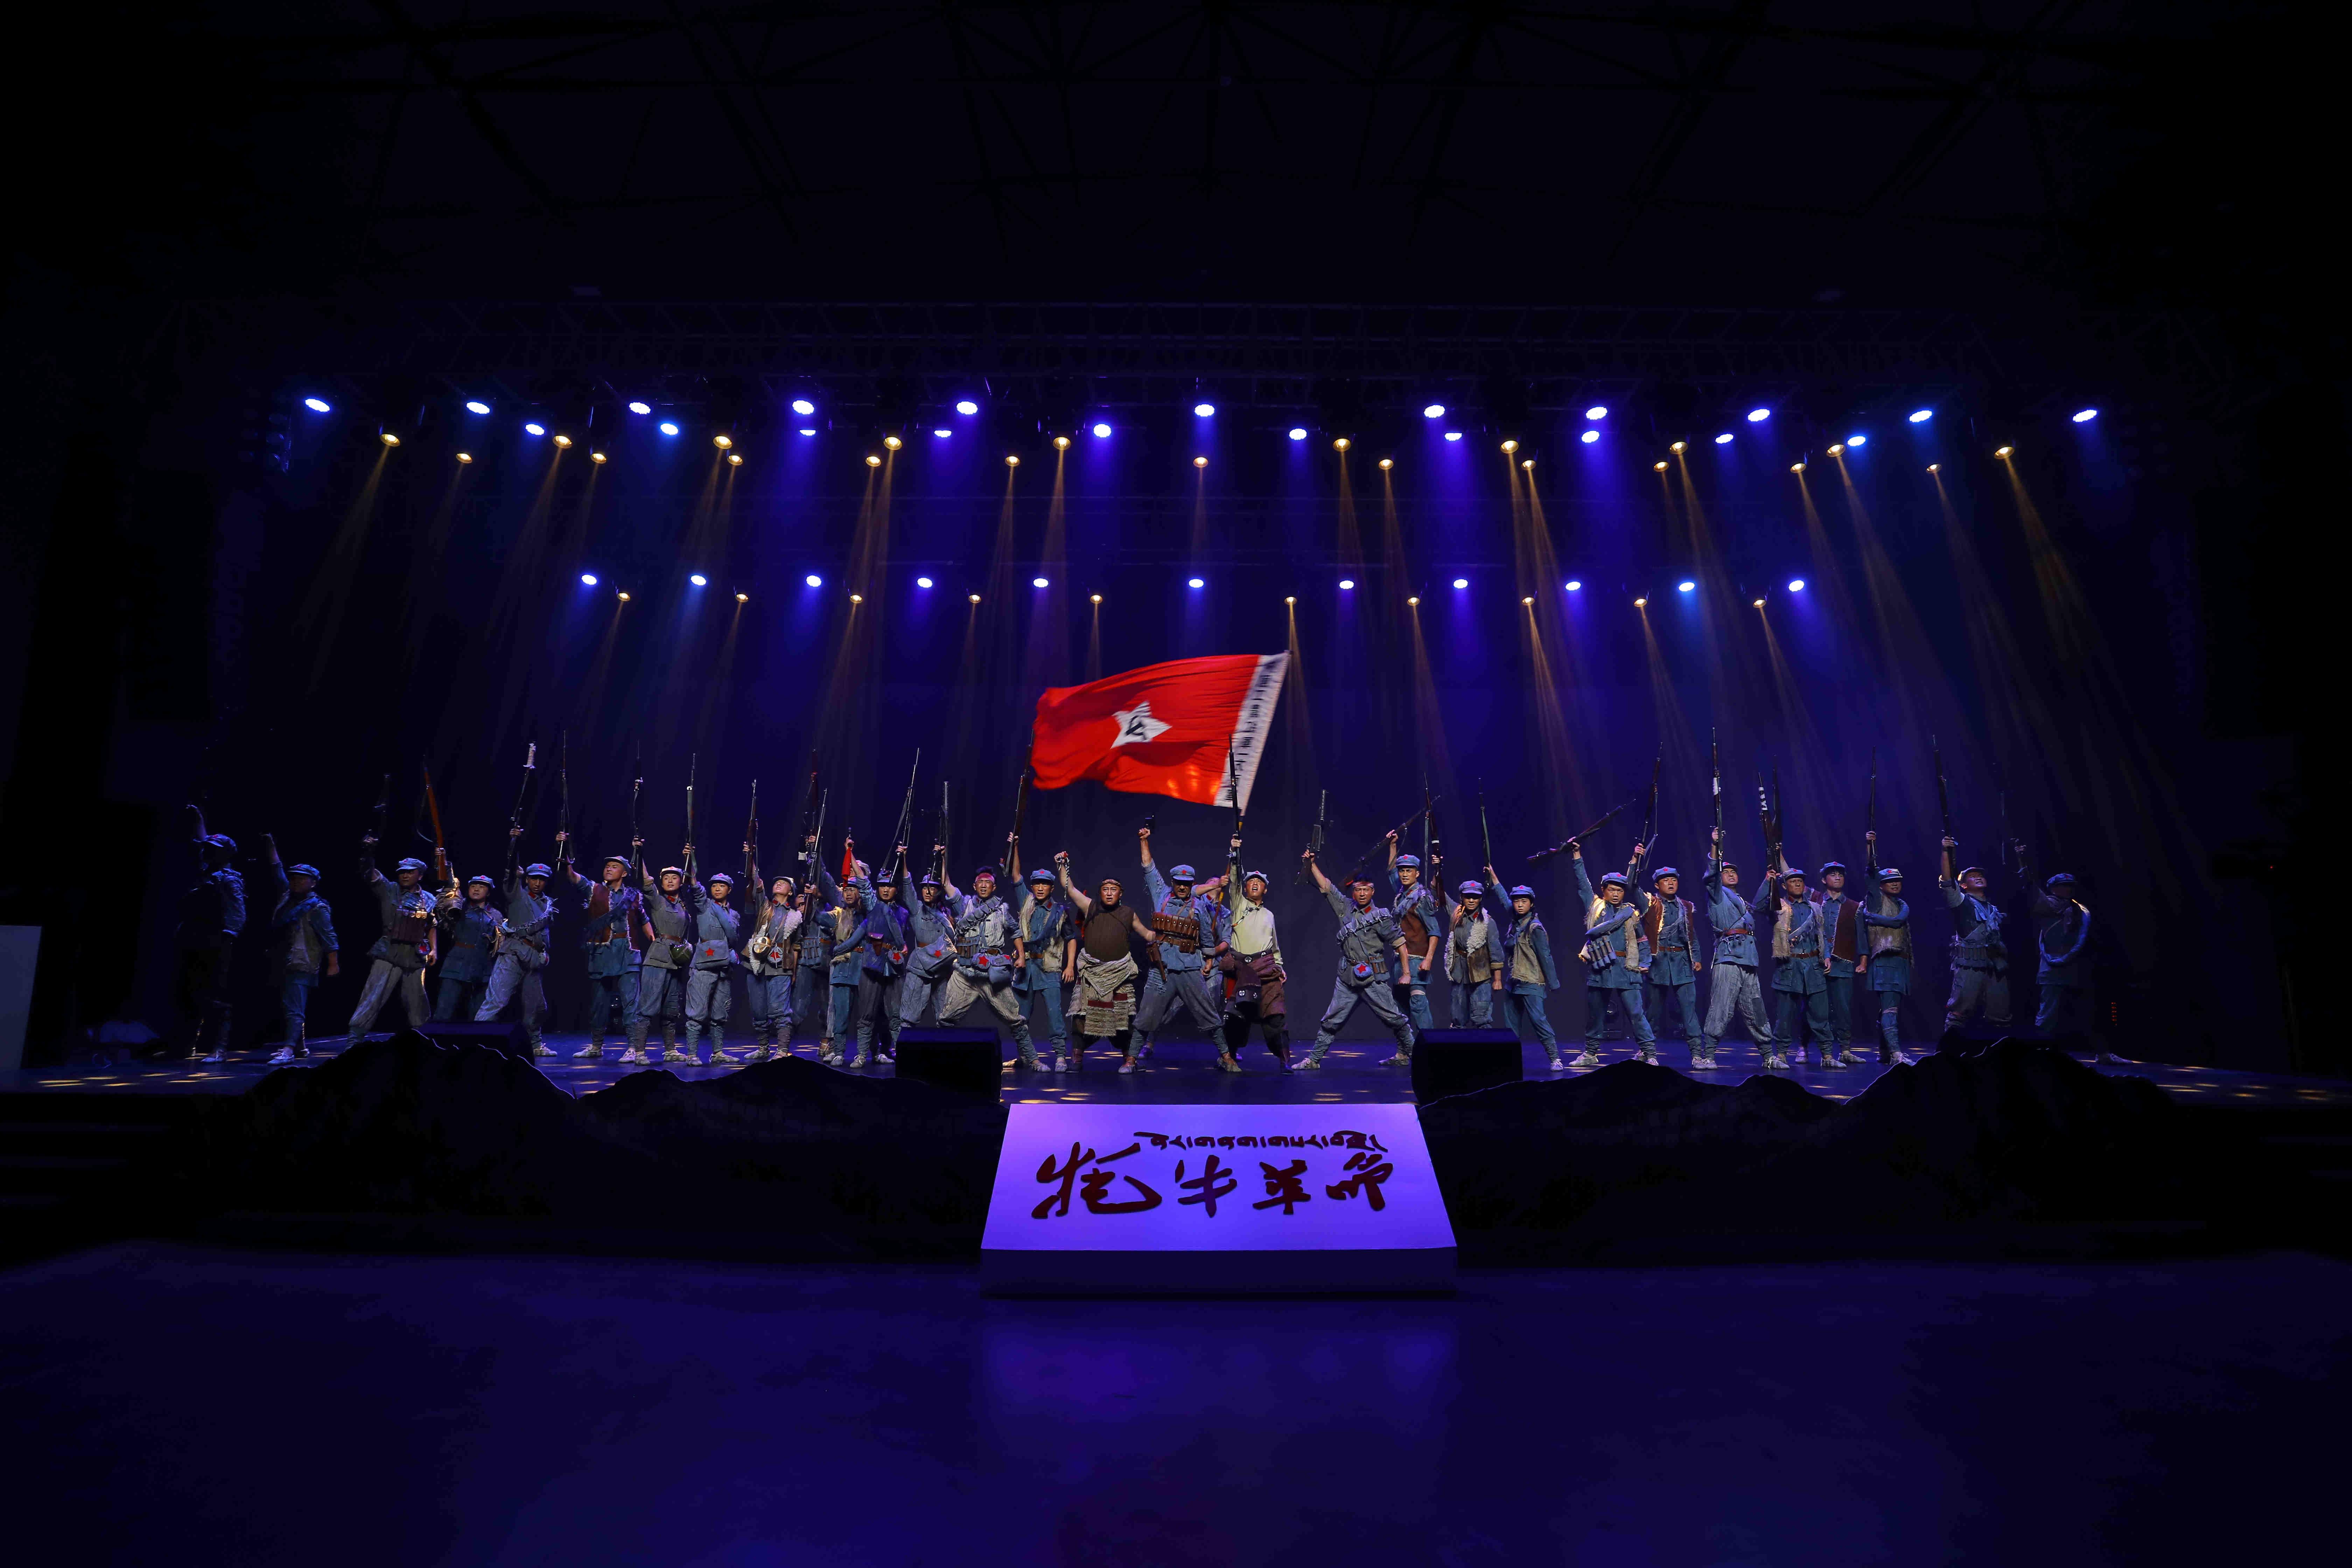 大型原创红色音乐剧《牦牛革命》新闻发布会在成都举行